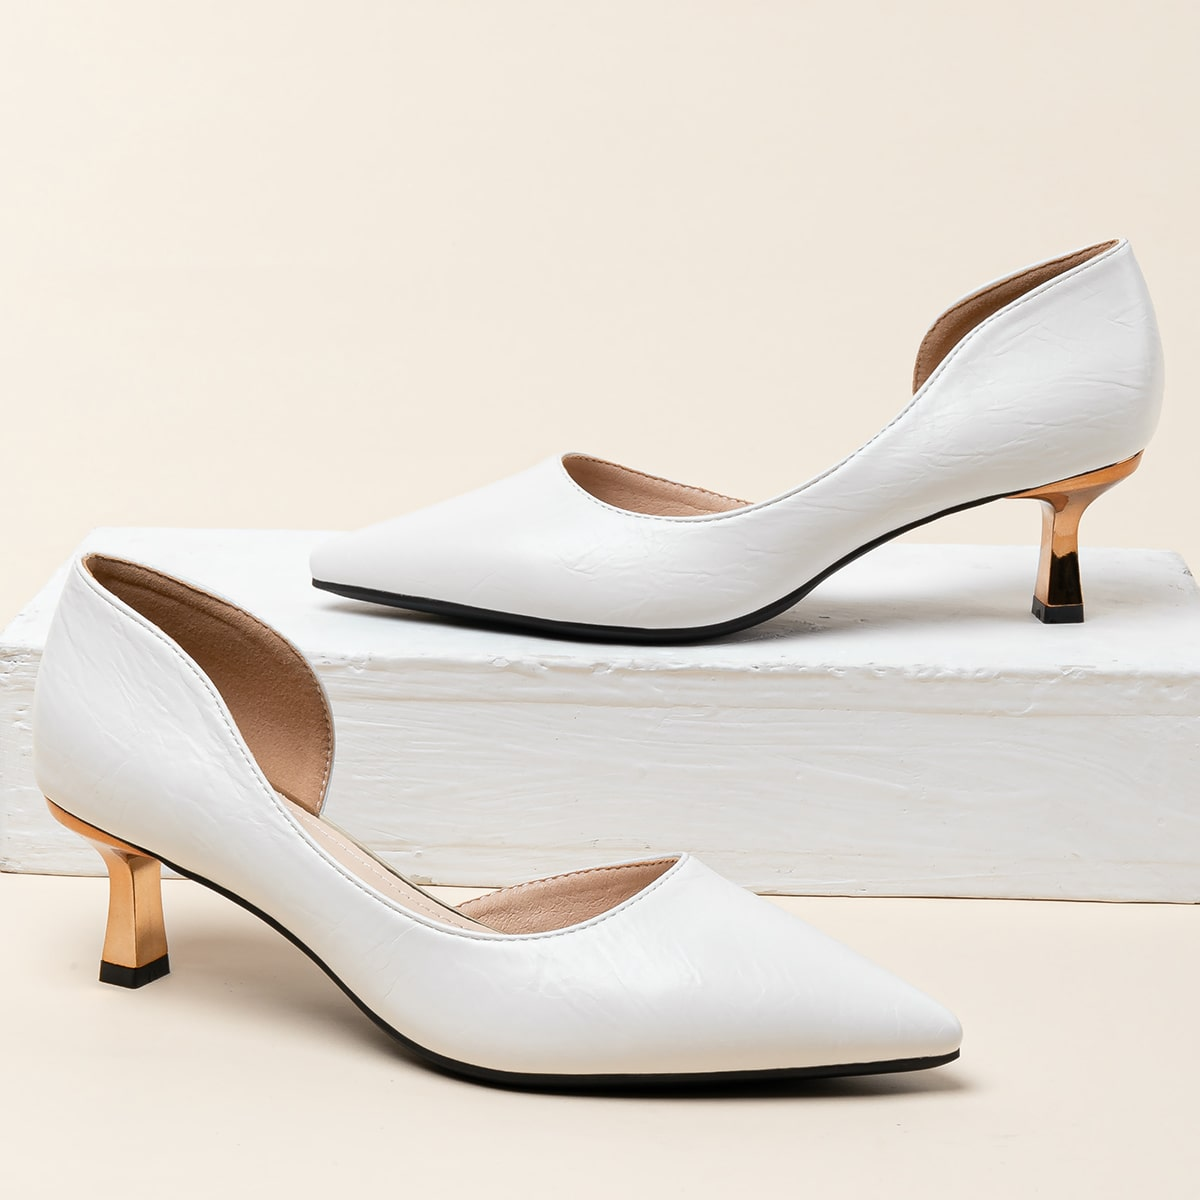 Остроконечные туфли на каблуке